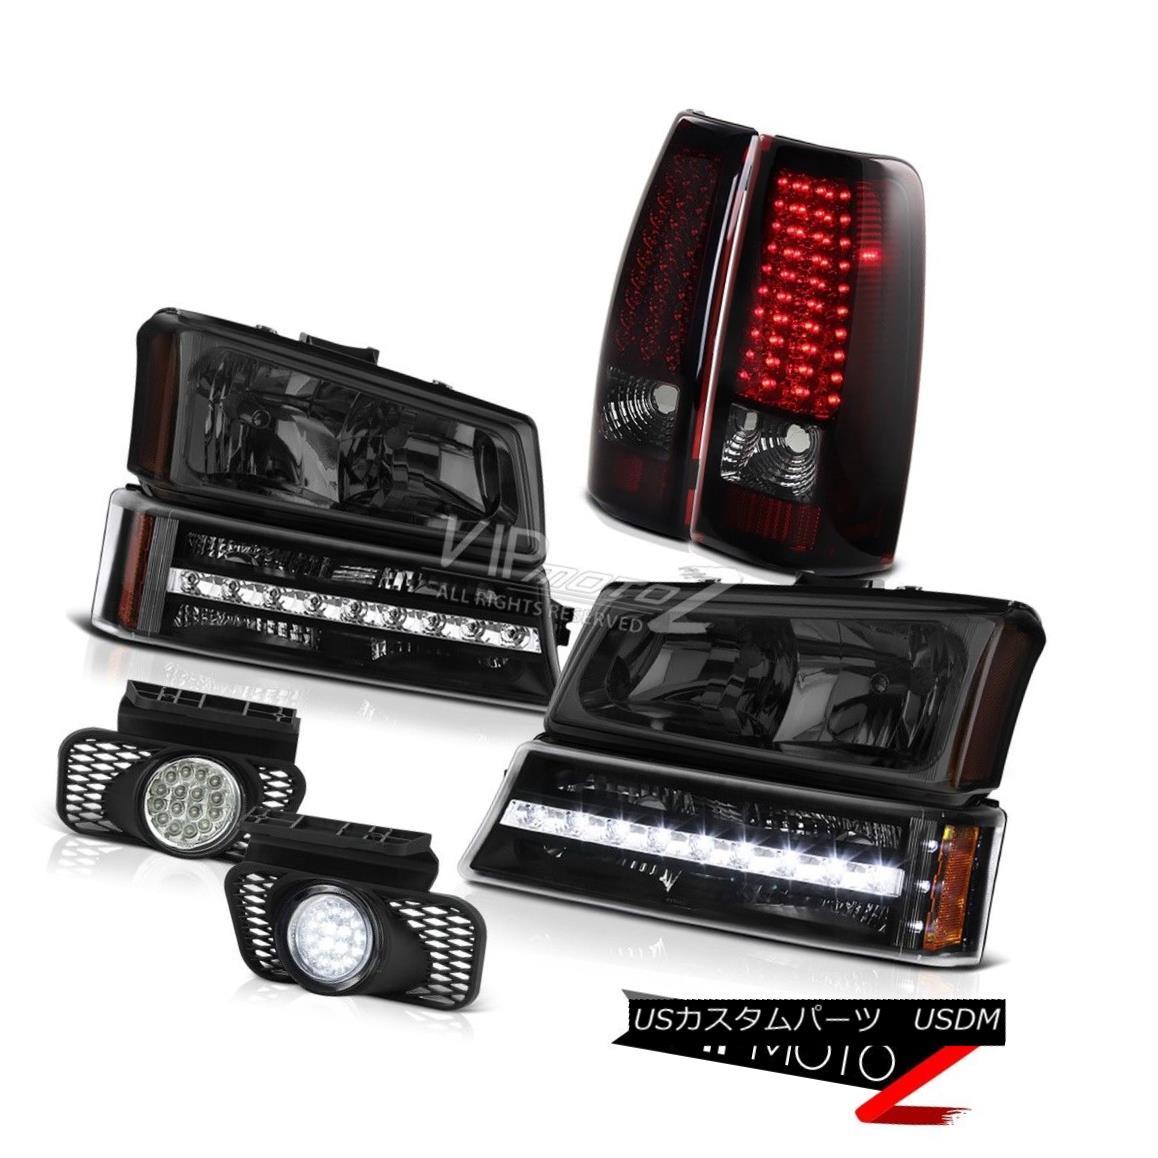 ヘッドライト 03-06 Silverado Chrome foglights smokey red tail lights parking lamp headlamps 03-06 Silveradoクロームフォグライトは、赤い尾灯を駐車した灯火を灯した